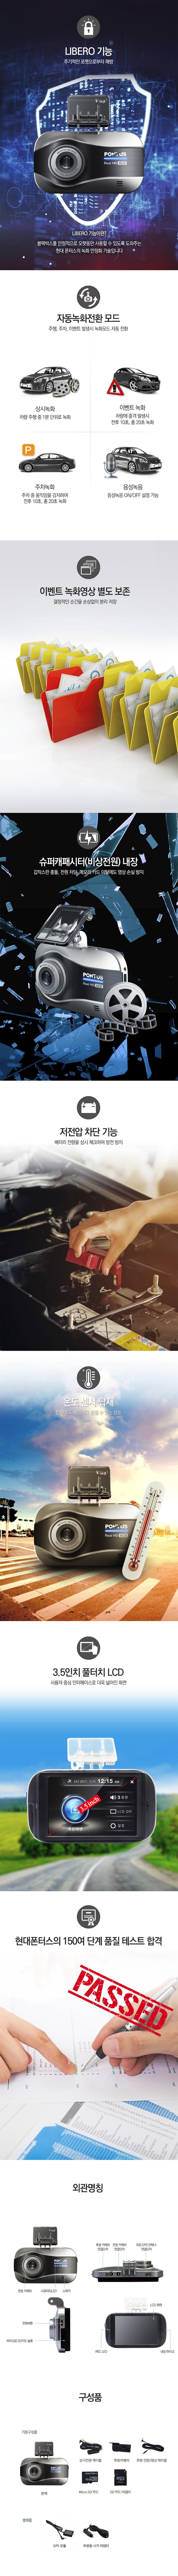 [현대폰터스] 차량용(12V) 블랙박스 리얼 HD ACE - LCD 풀터치 전후방 풀HD 2채널 16GB